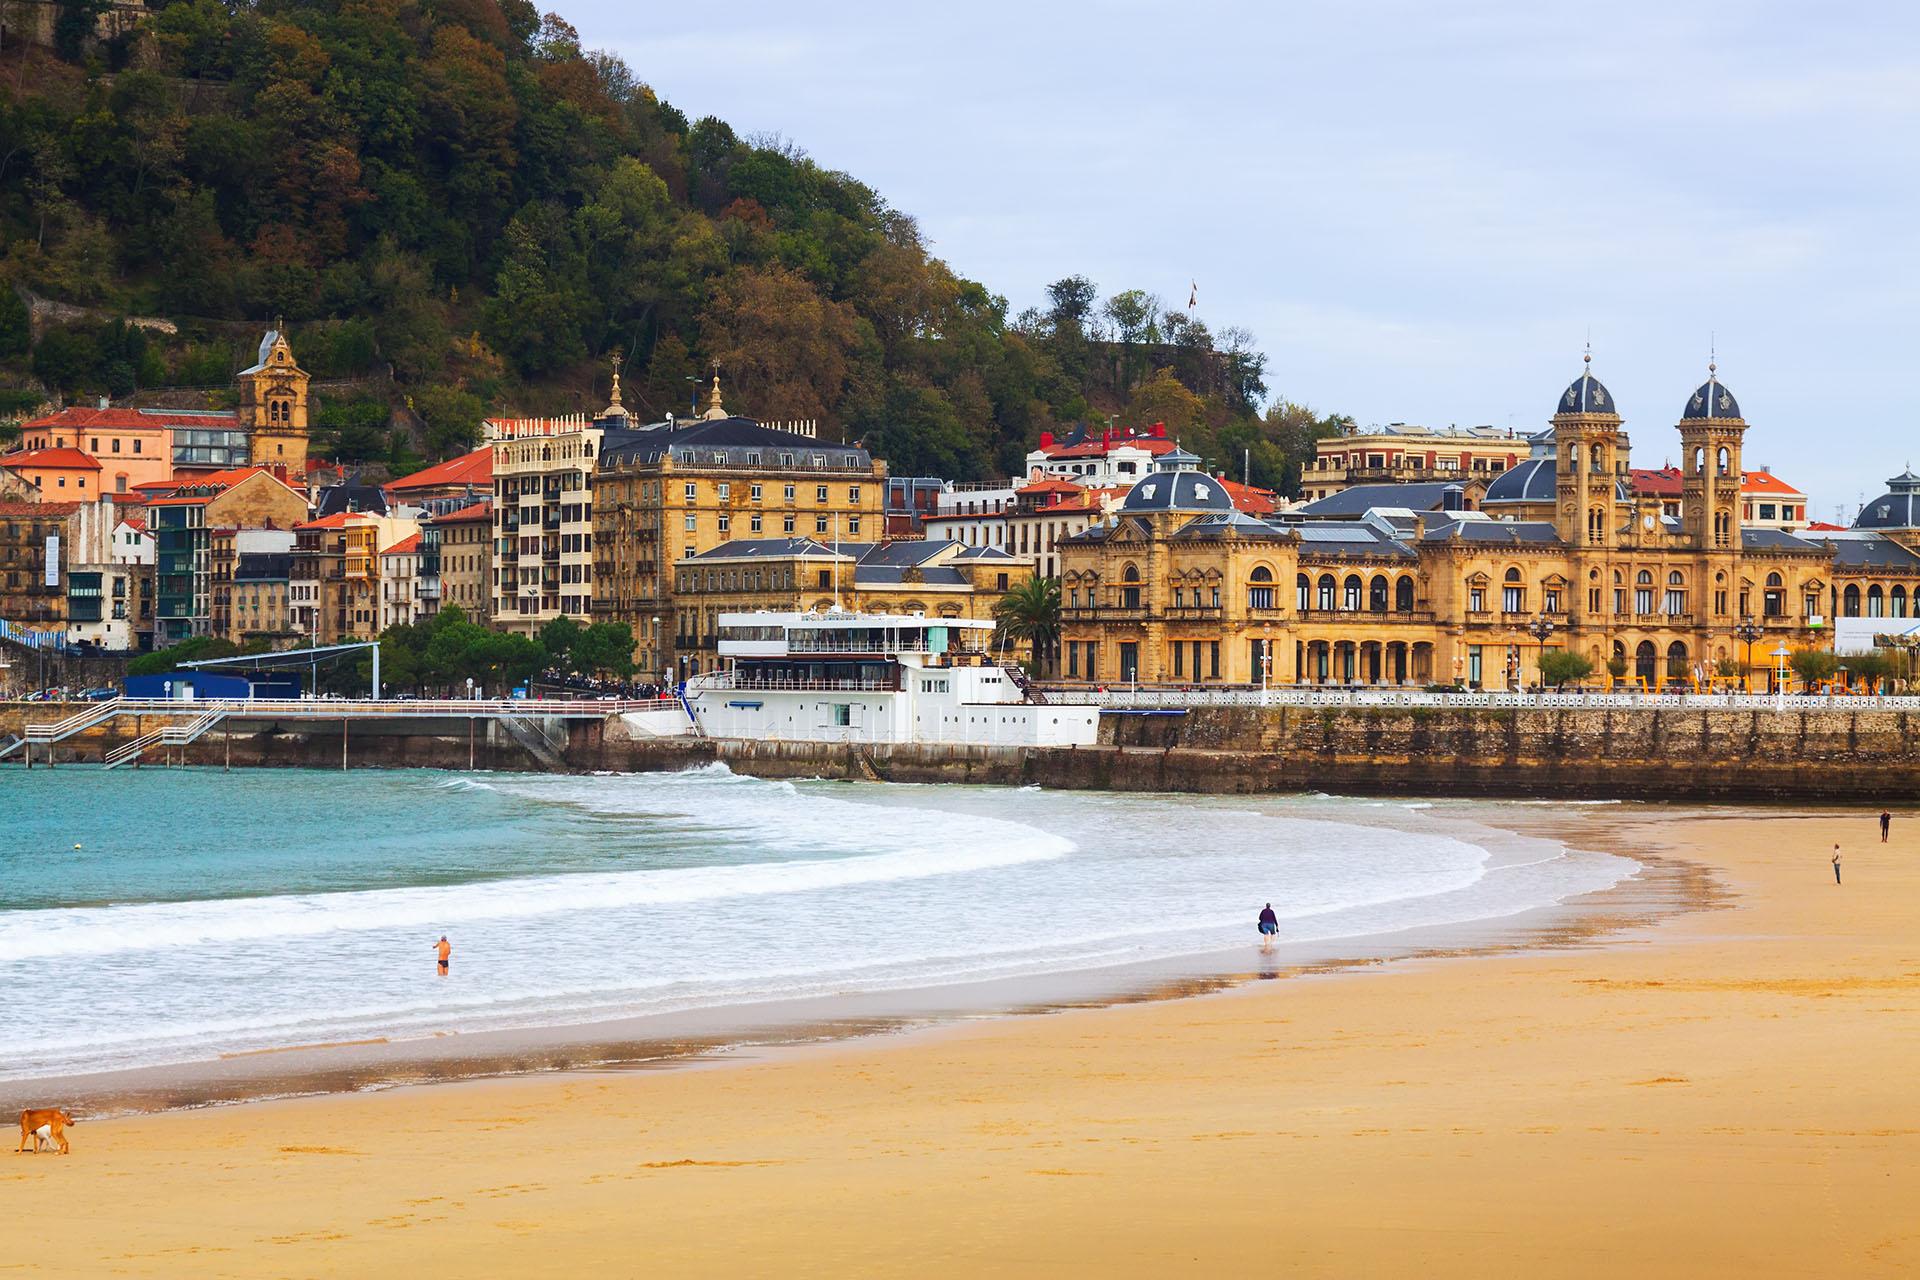 San Sebastián es una ciudad costera en el norte de España en el País Vasco. Es conocido por su cocina y encontrará muchos restaurantes que se jactan de sus estrellas Michelin